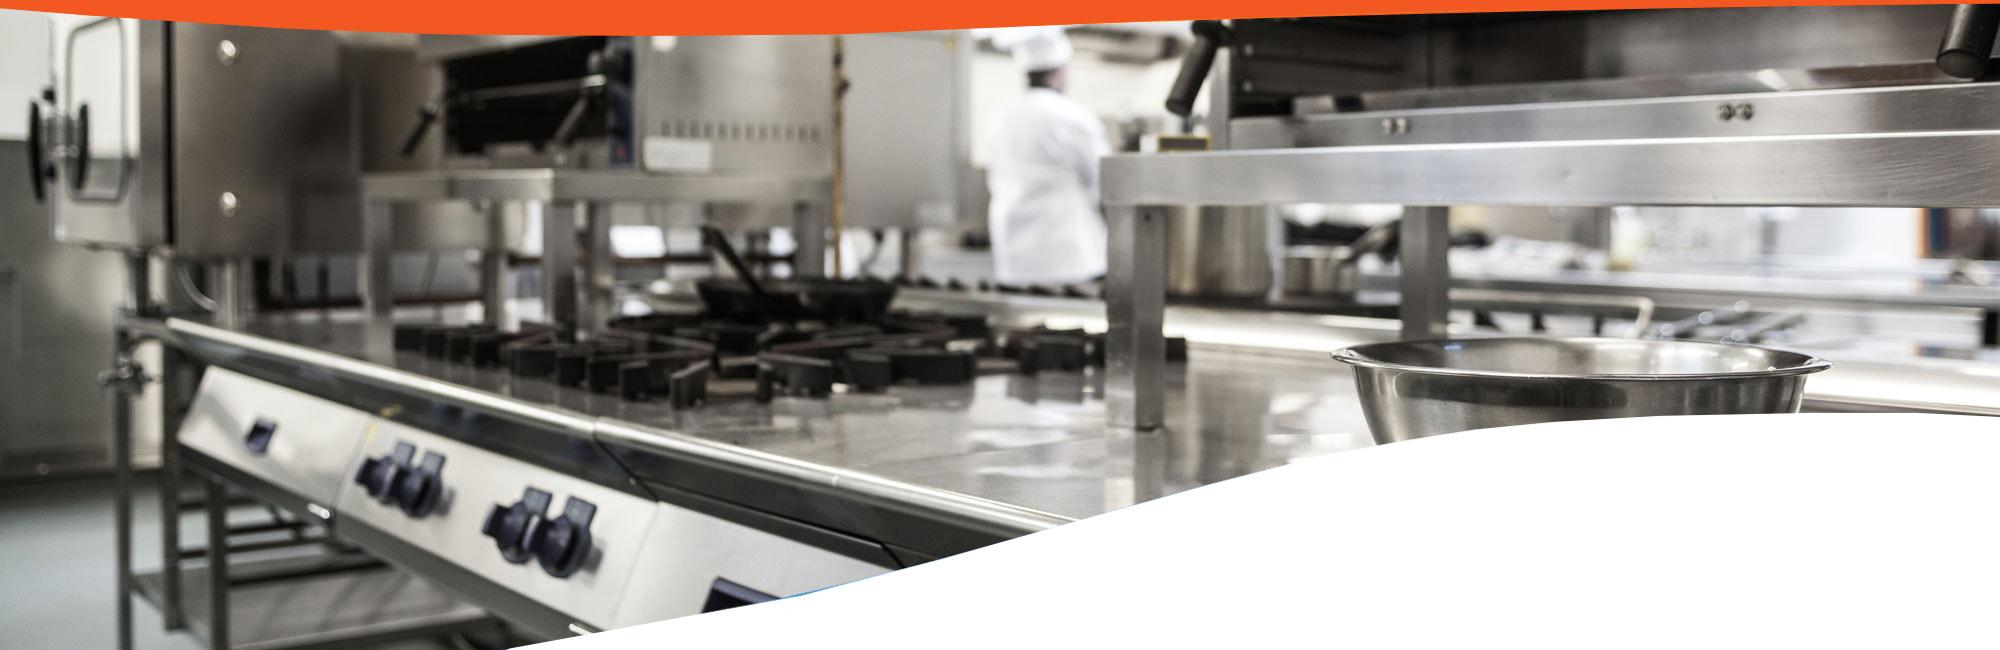 Sajemat cuisine professionnelle la motte servolex 73 for Installateur cuisine professionnelle